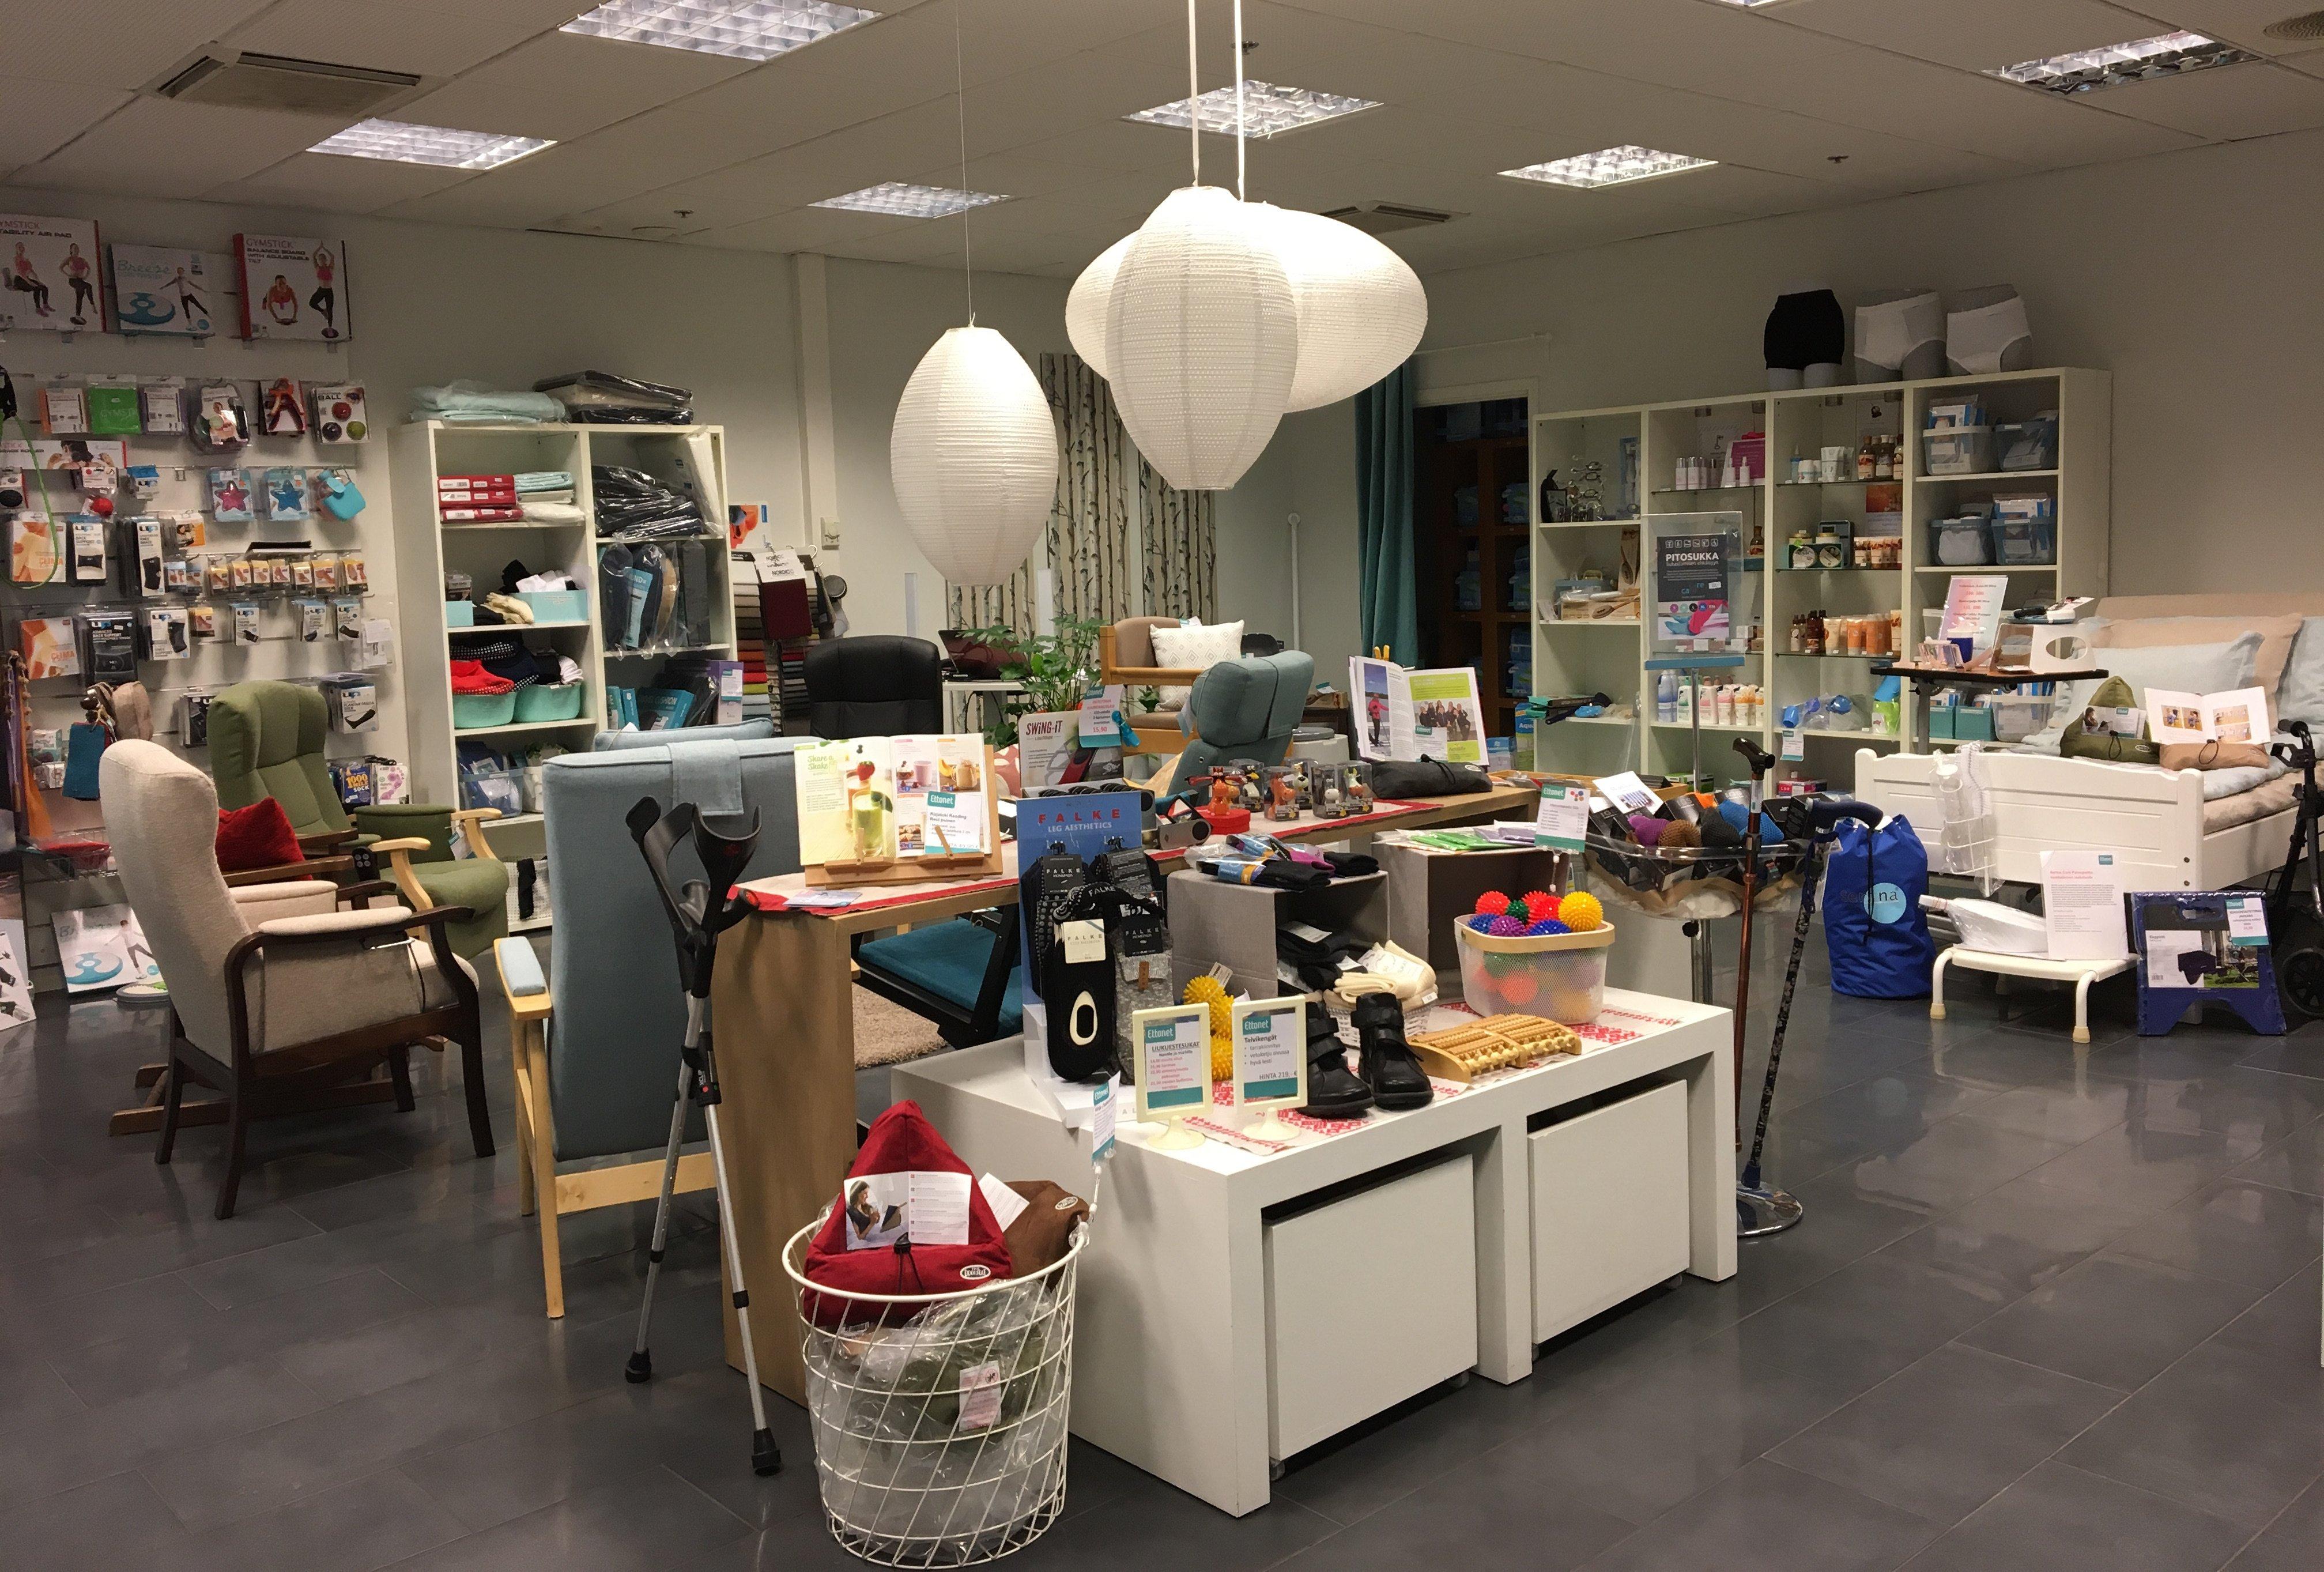 Ettonet-seniorituotemyymala-apuvalineita-erikoishuonekaluja-Munkkivuoren-ostoskeskus-Helsinki